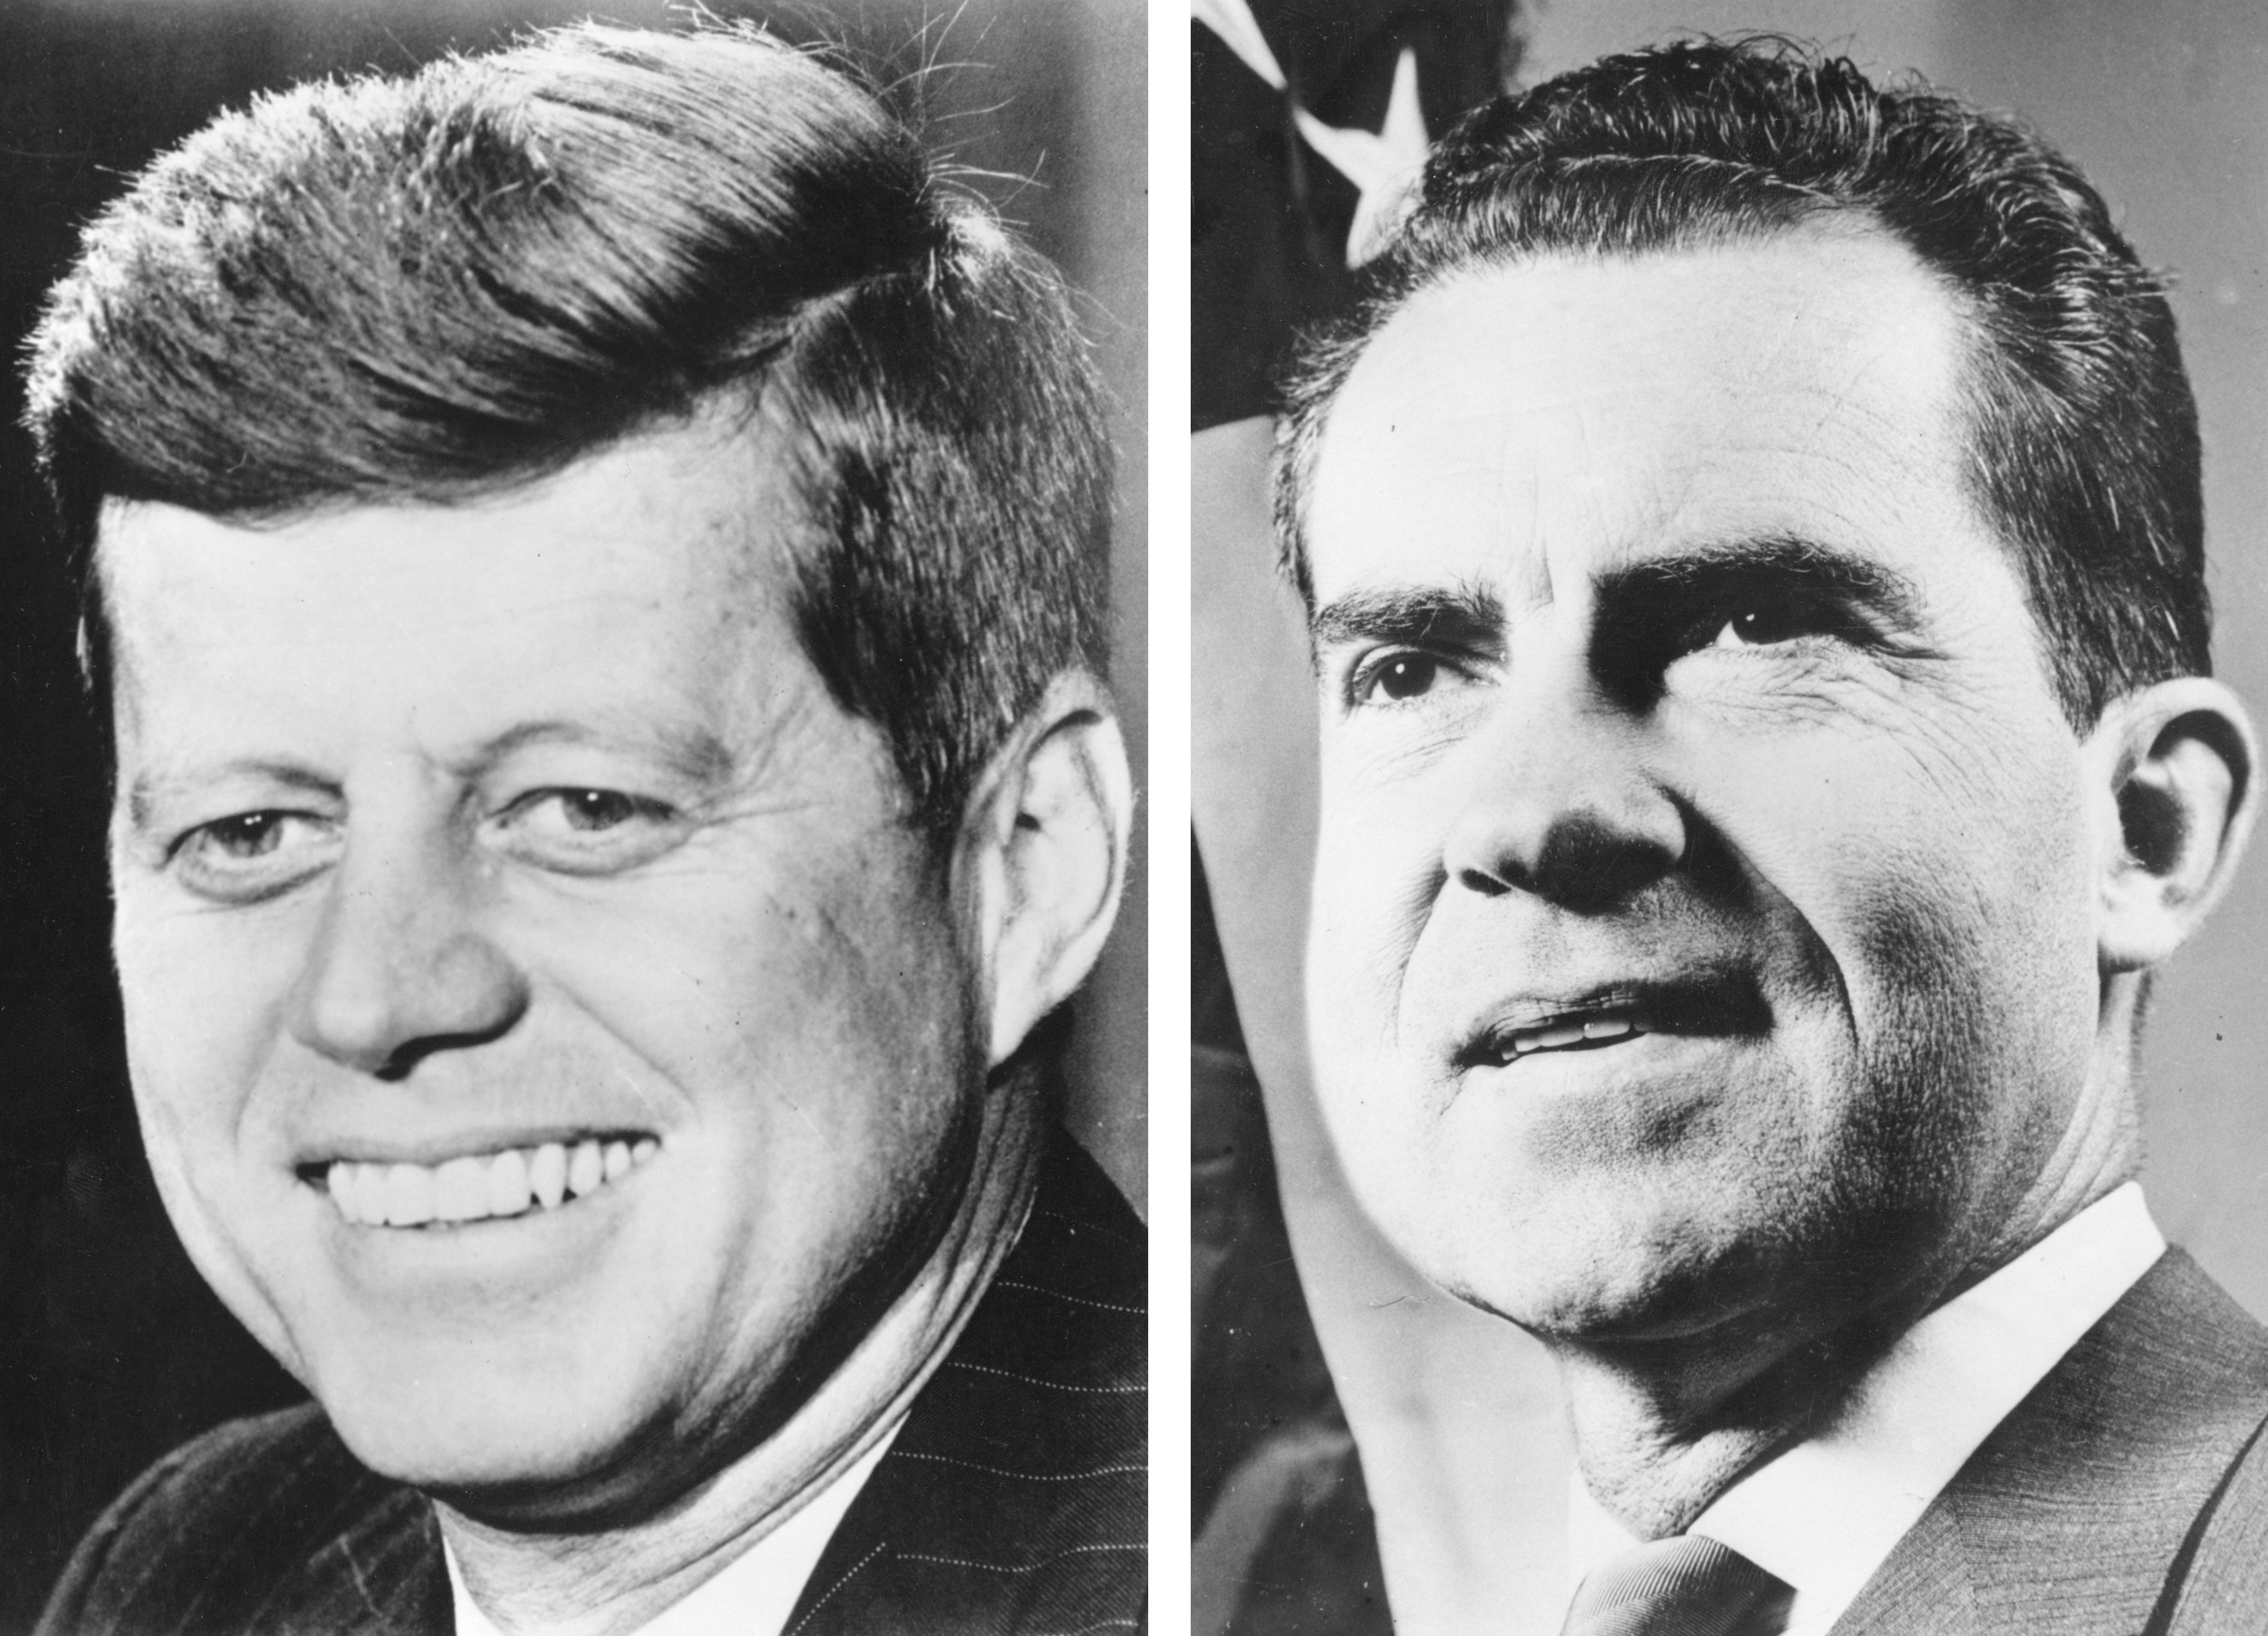 John F Kennedy v Richard Nixon